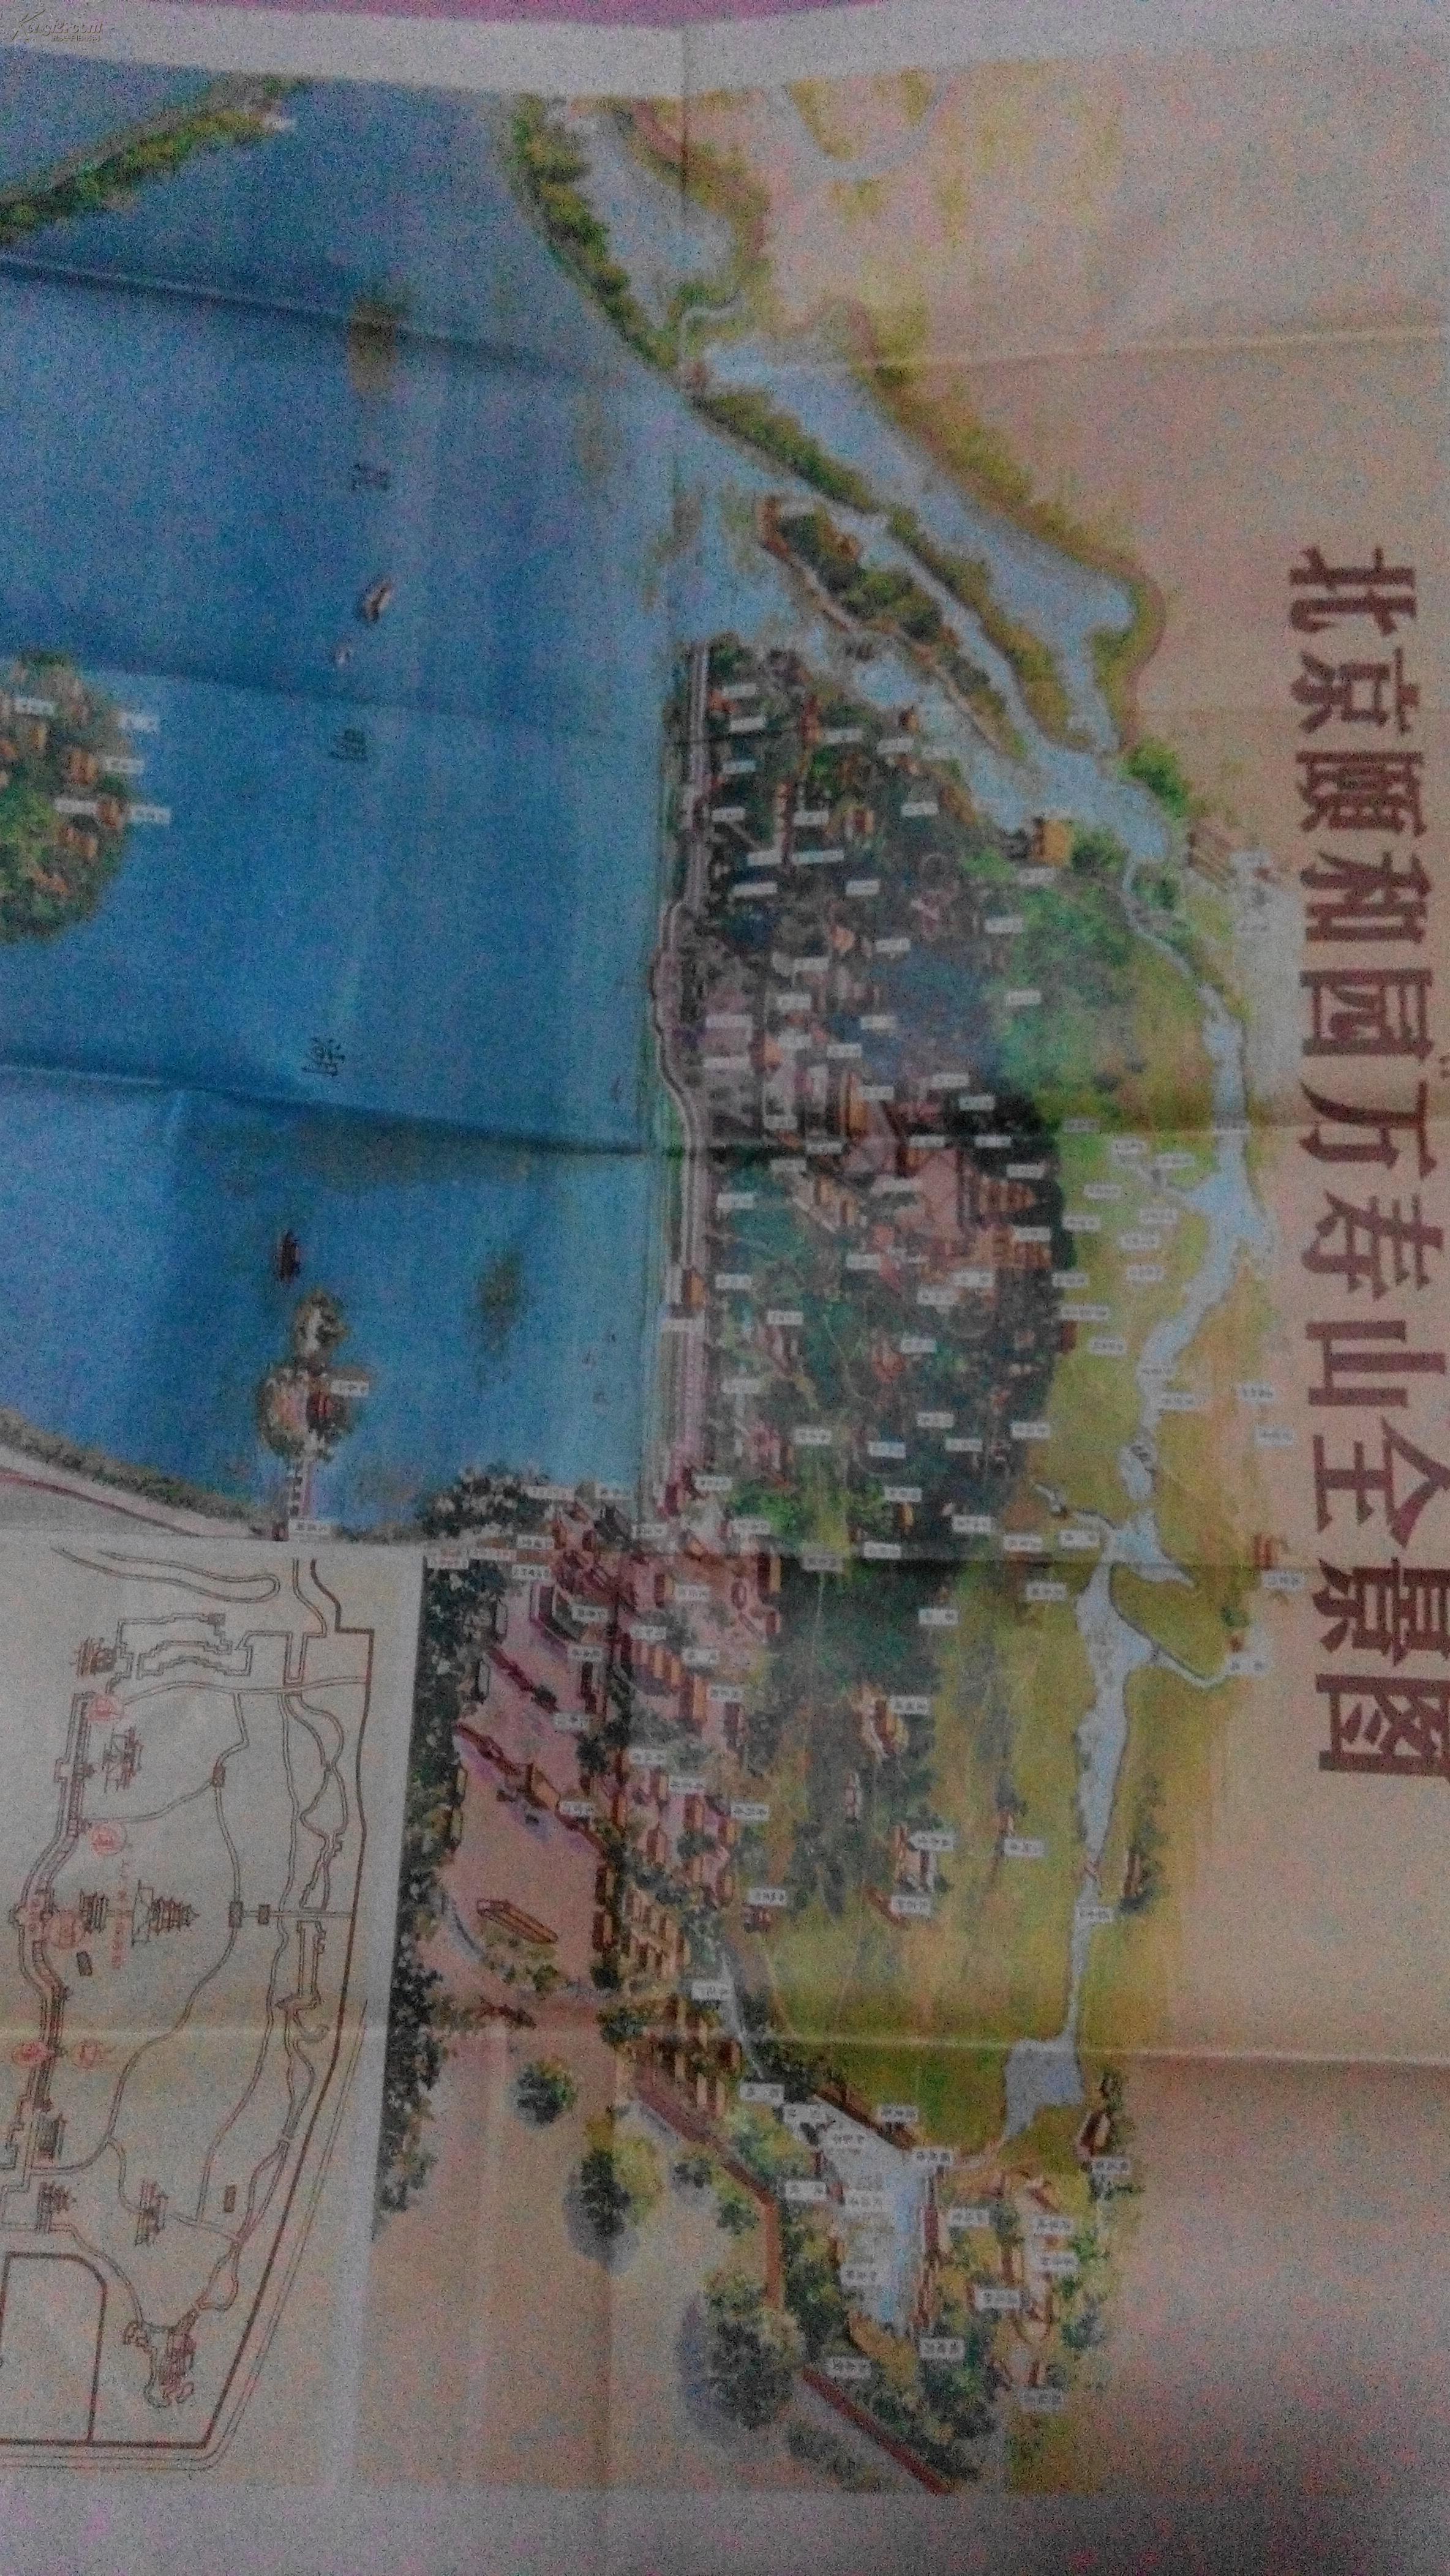 颐和园地图_颐和园手机导游_语音导游_风景网